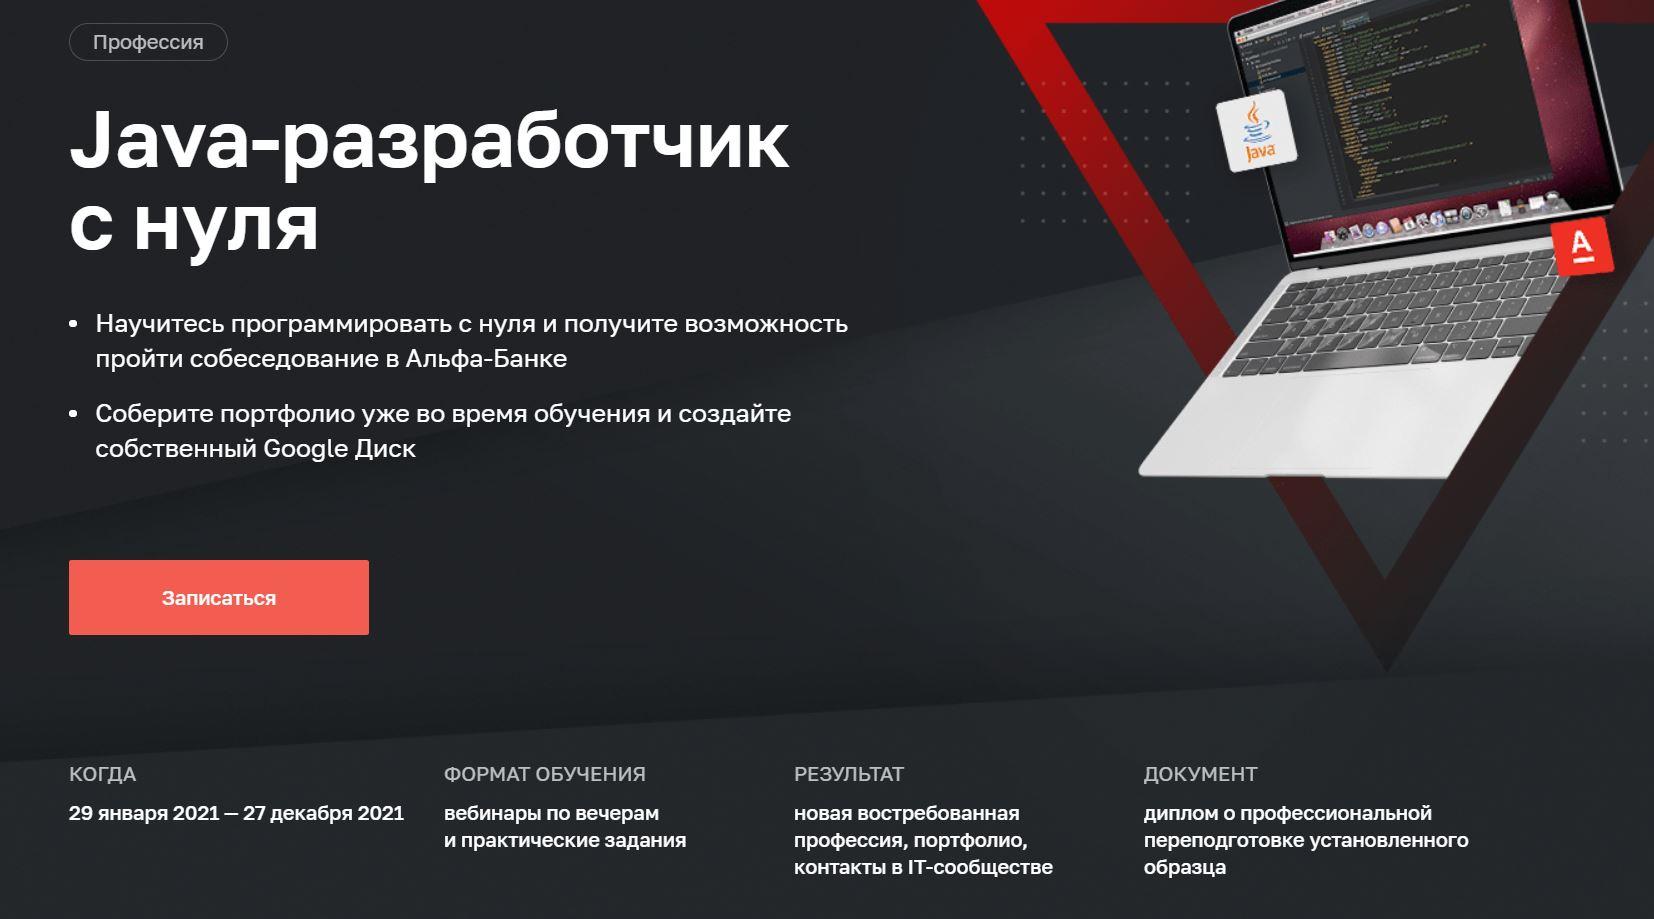 нетология профессия Java-разработчик